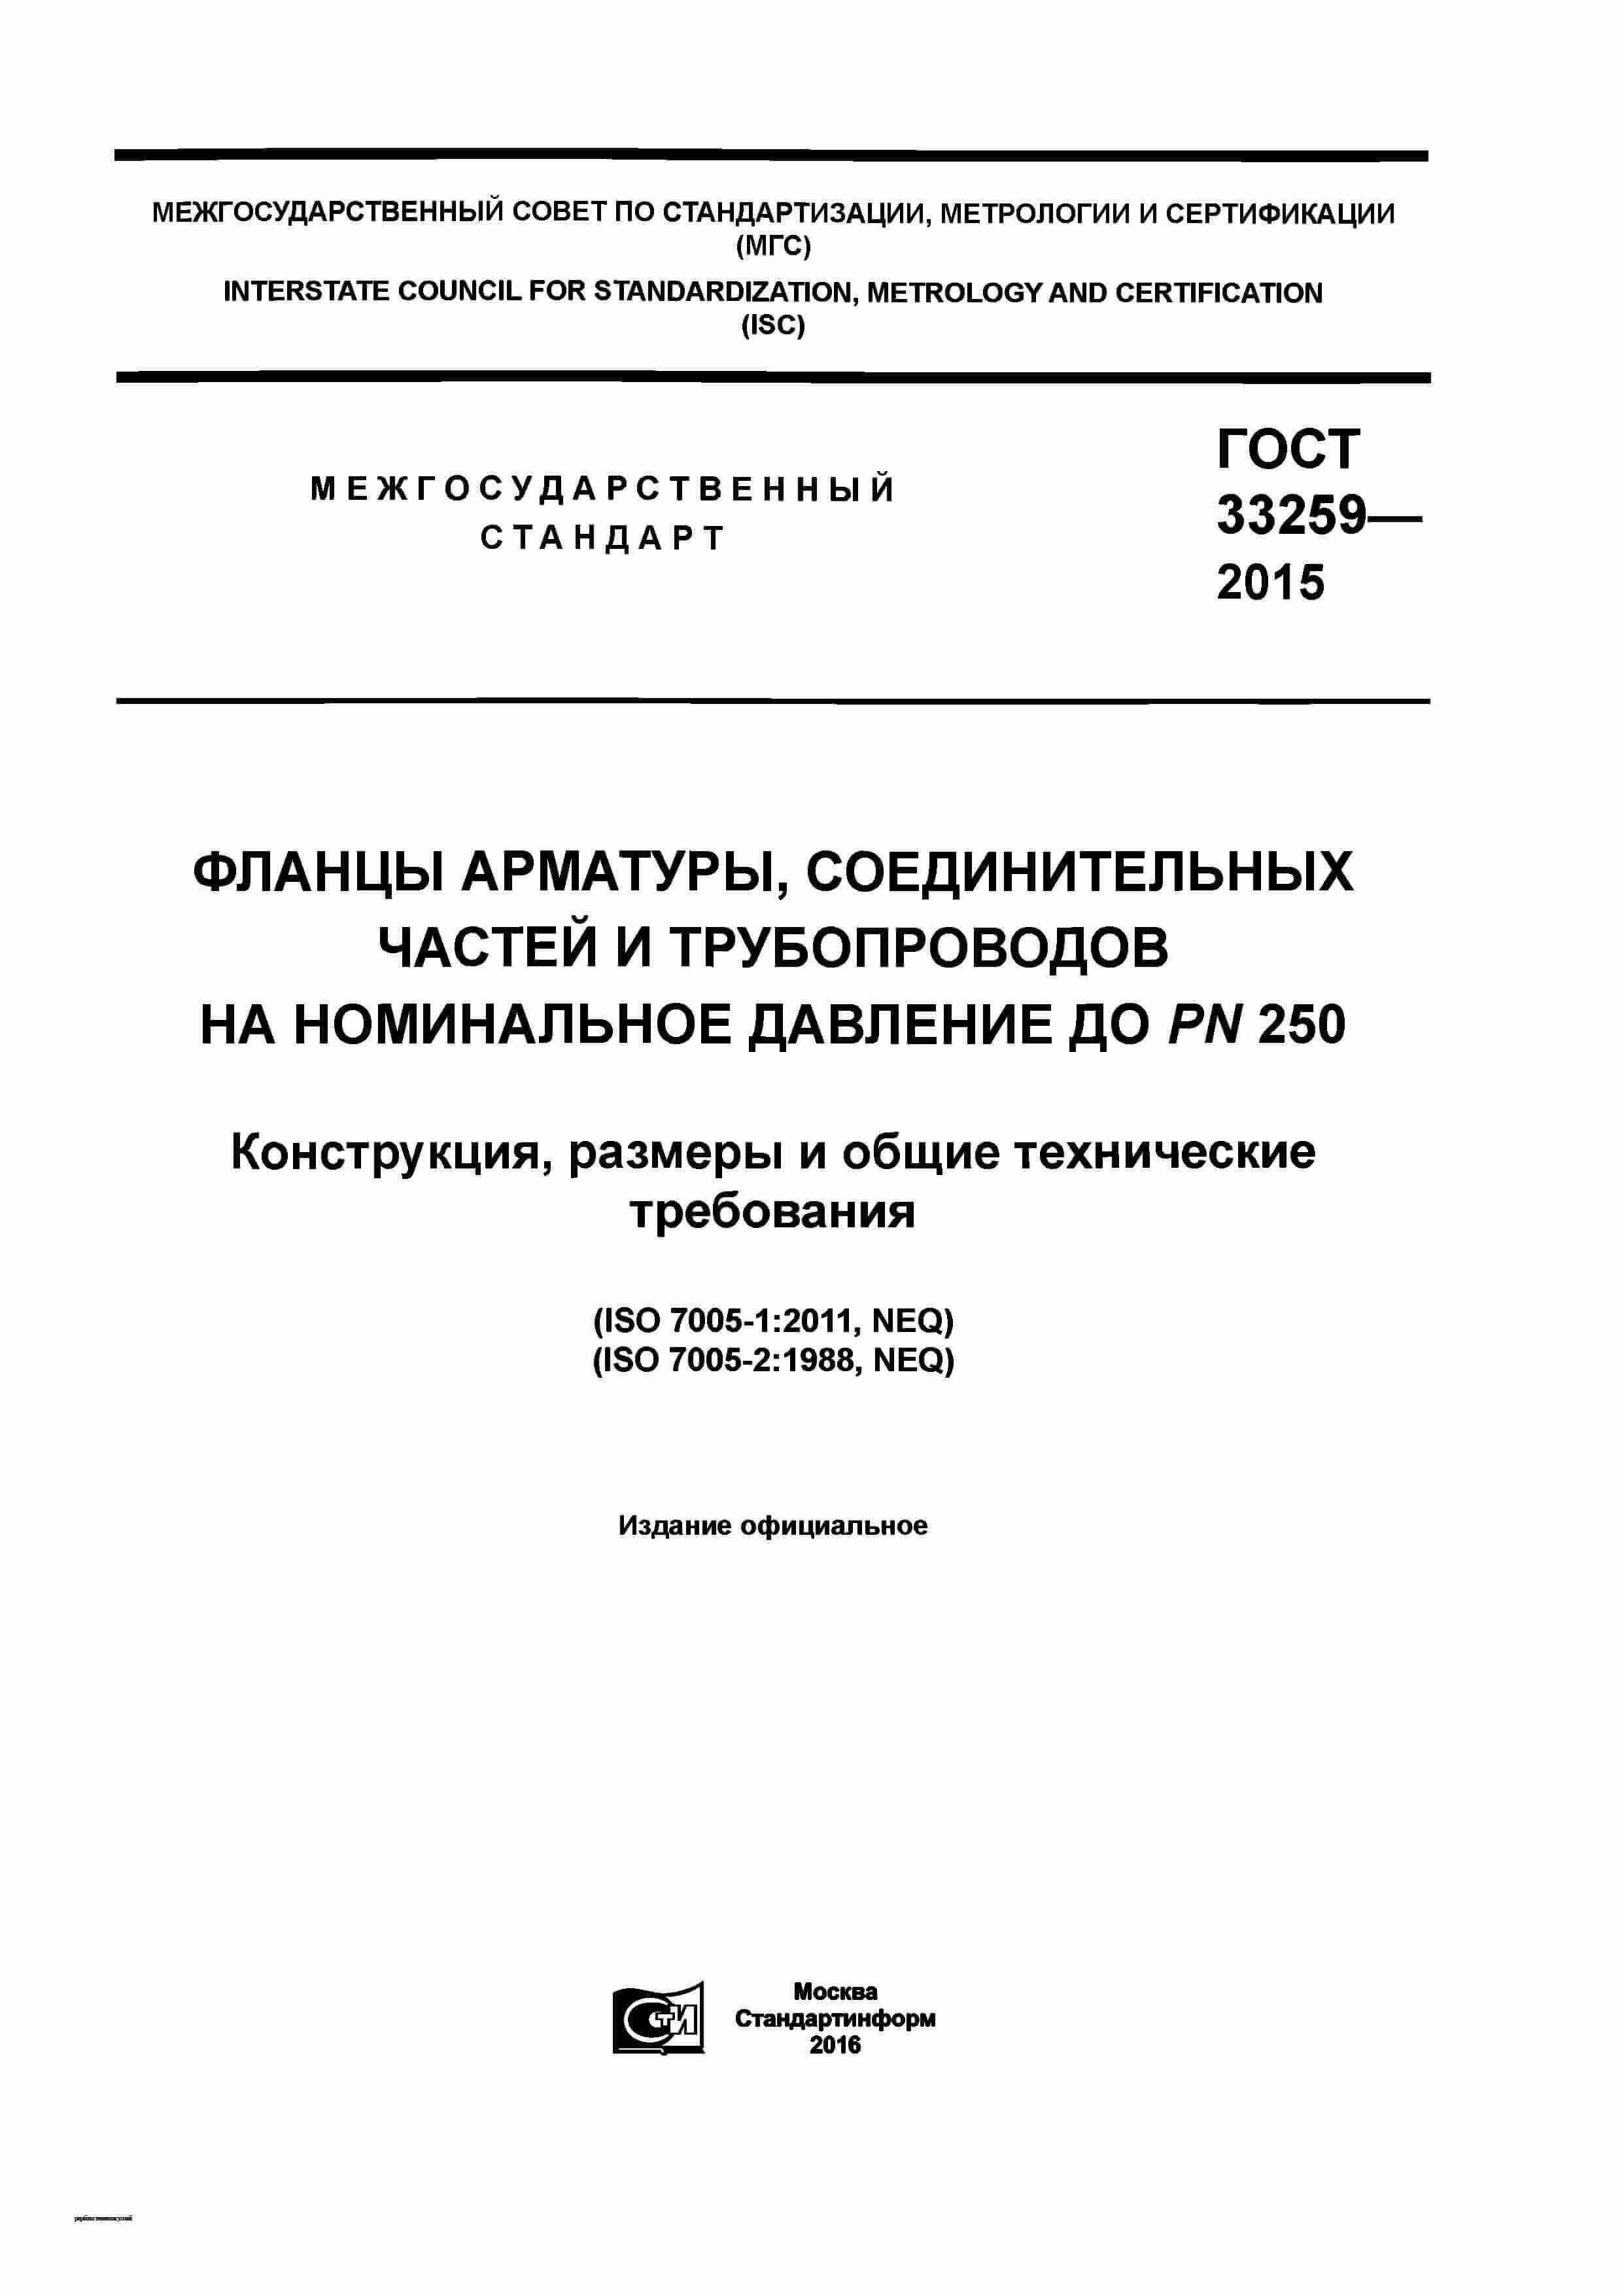 ГОСТ 33259-2015 компрессионные фитинги